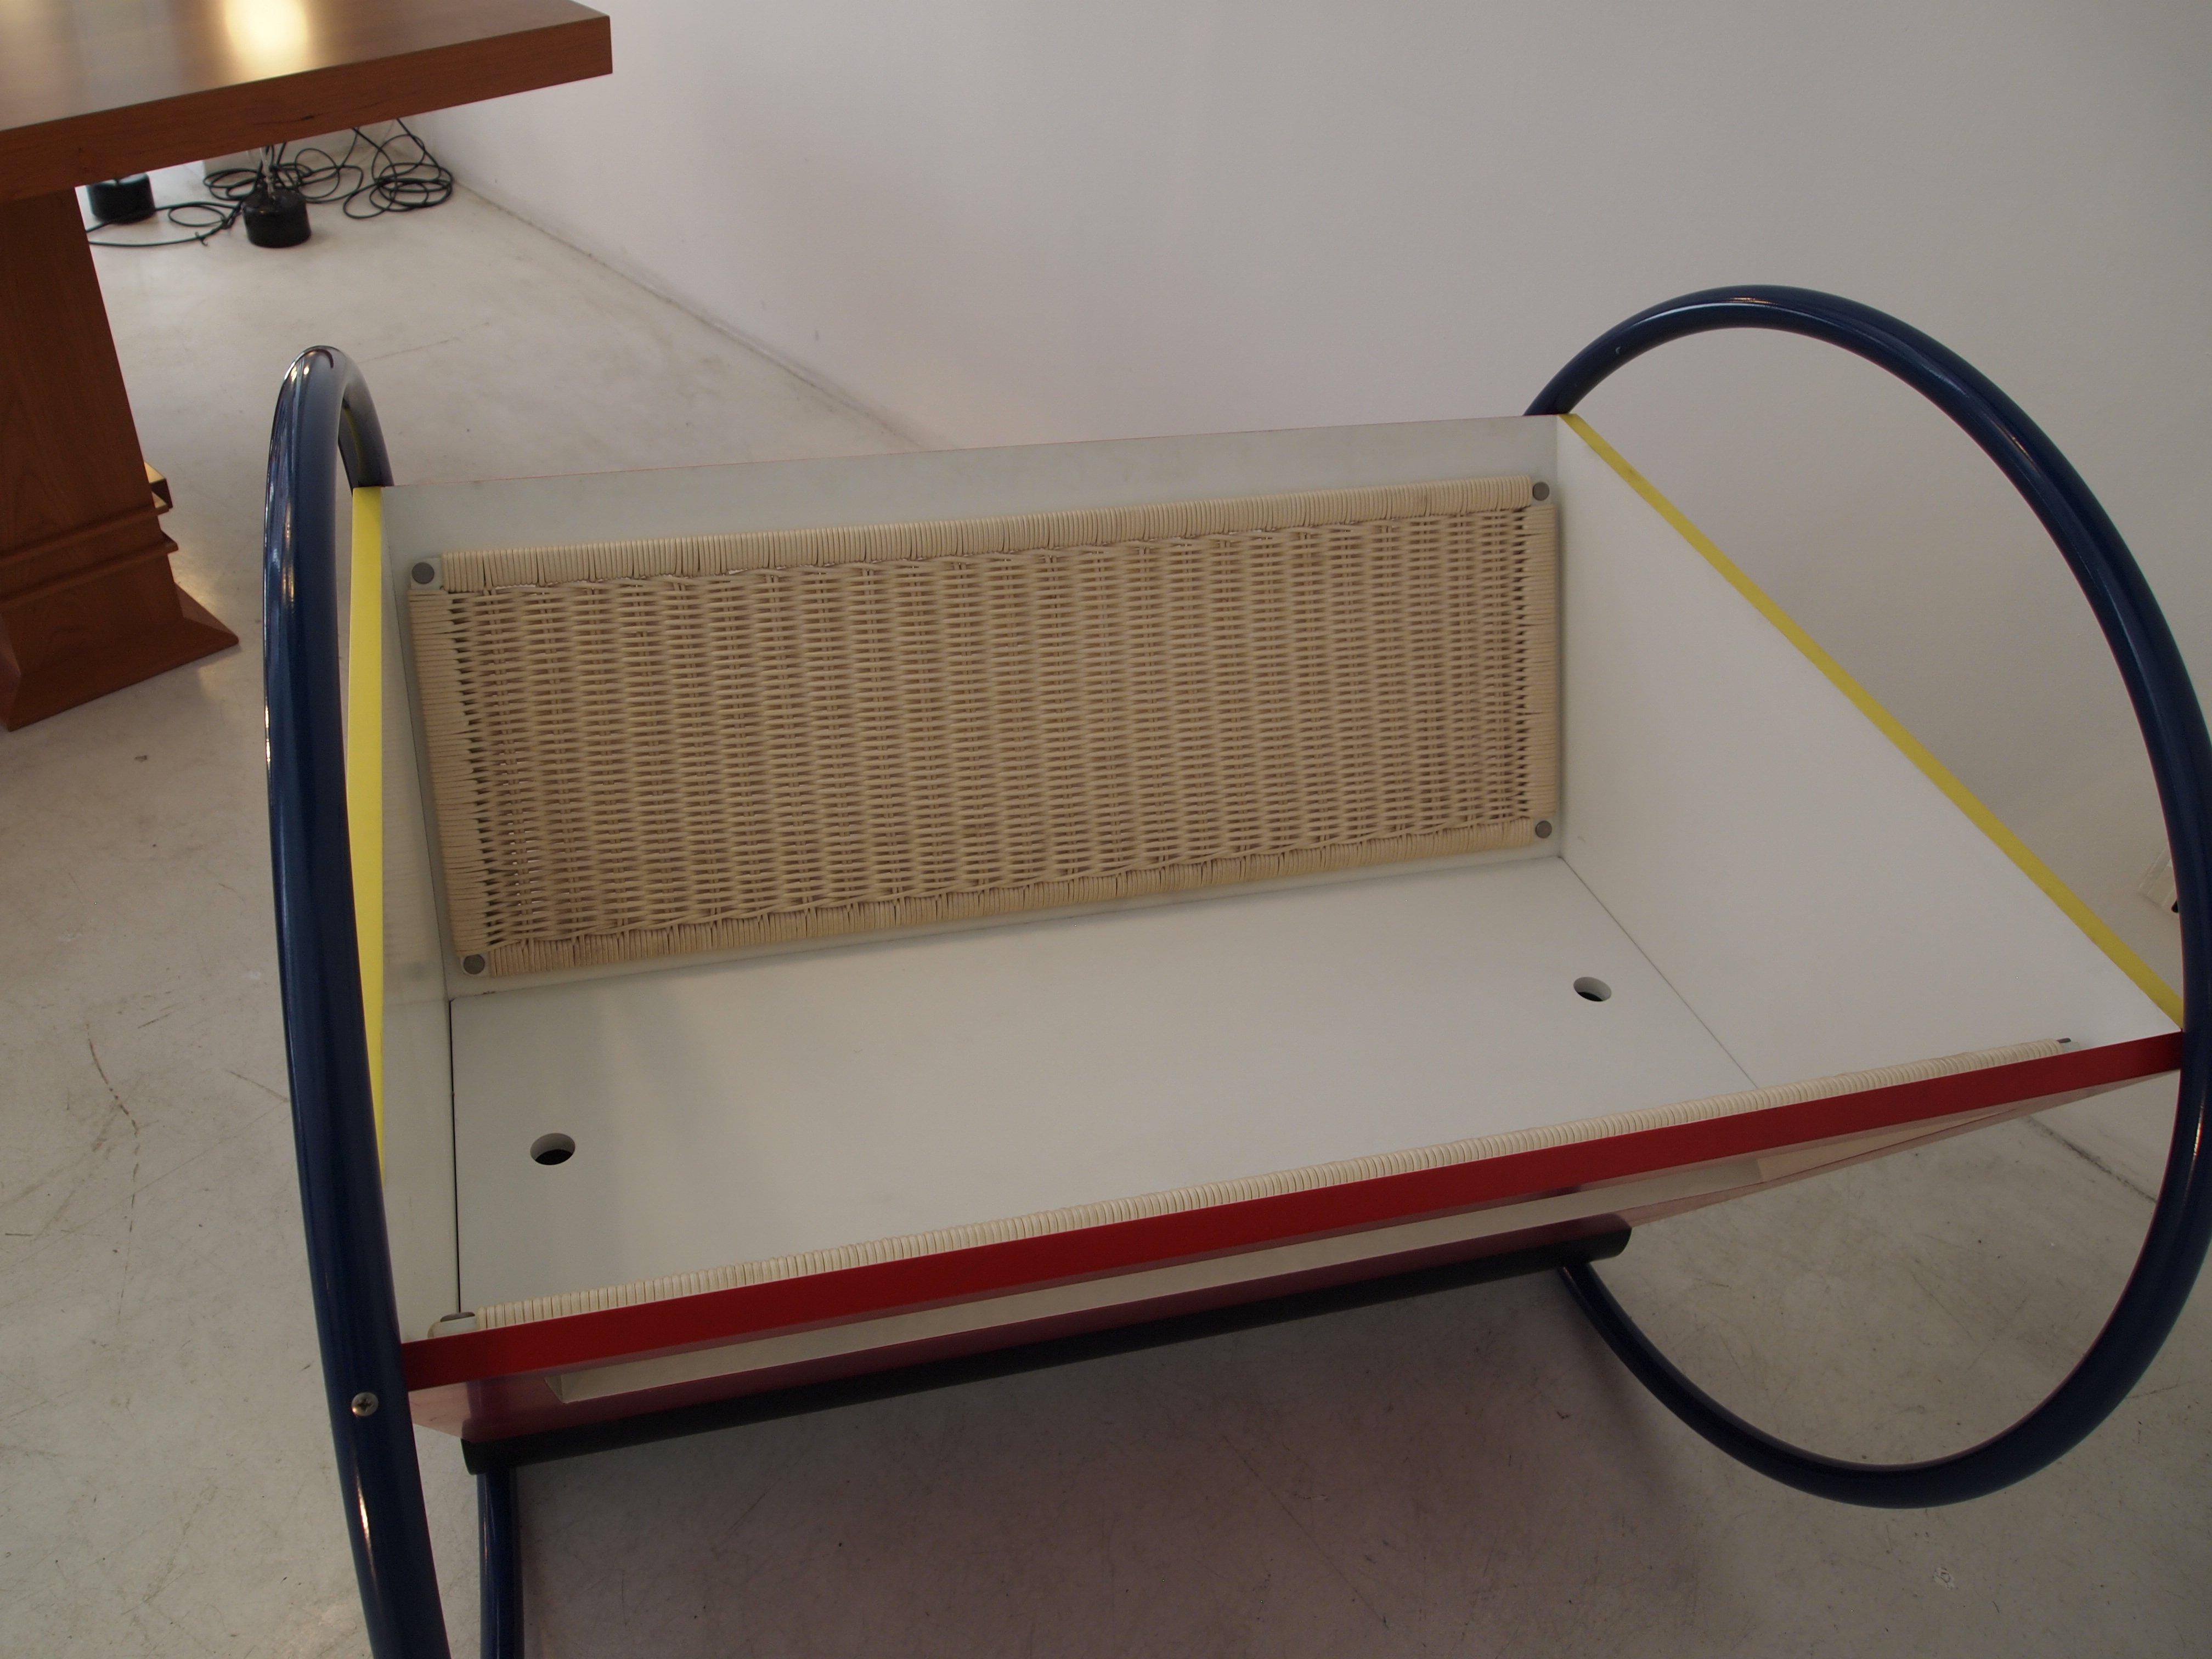 Culla cradle Bauhaus design Kandinsky- Peter Keler original Tecta